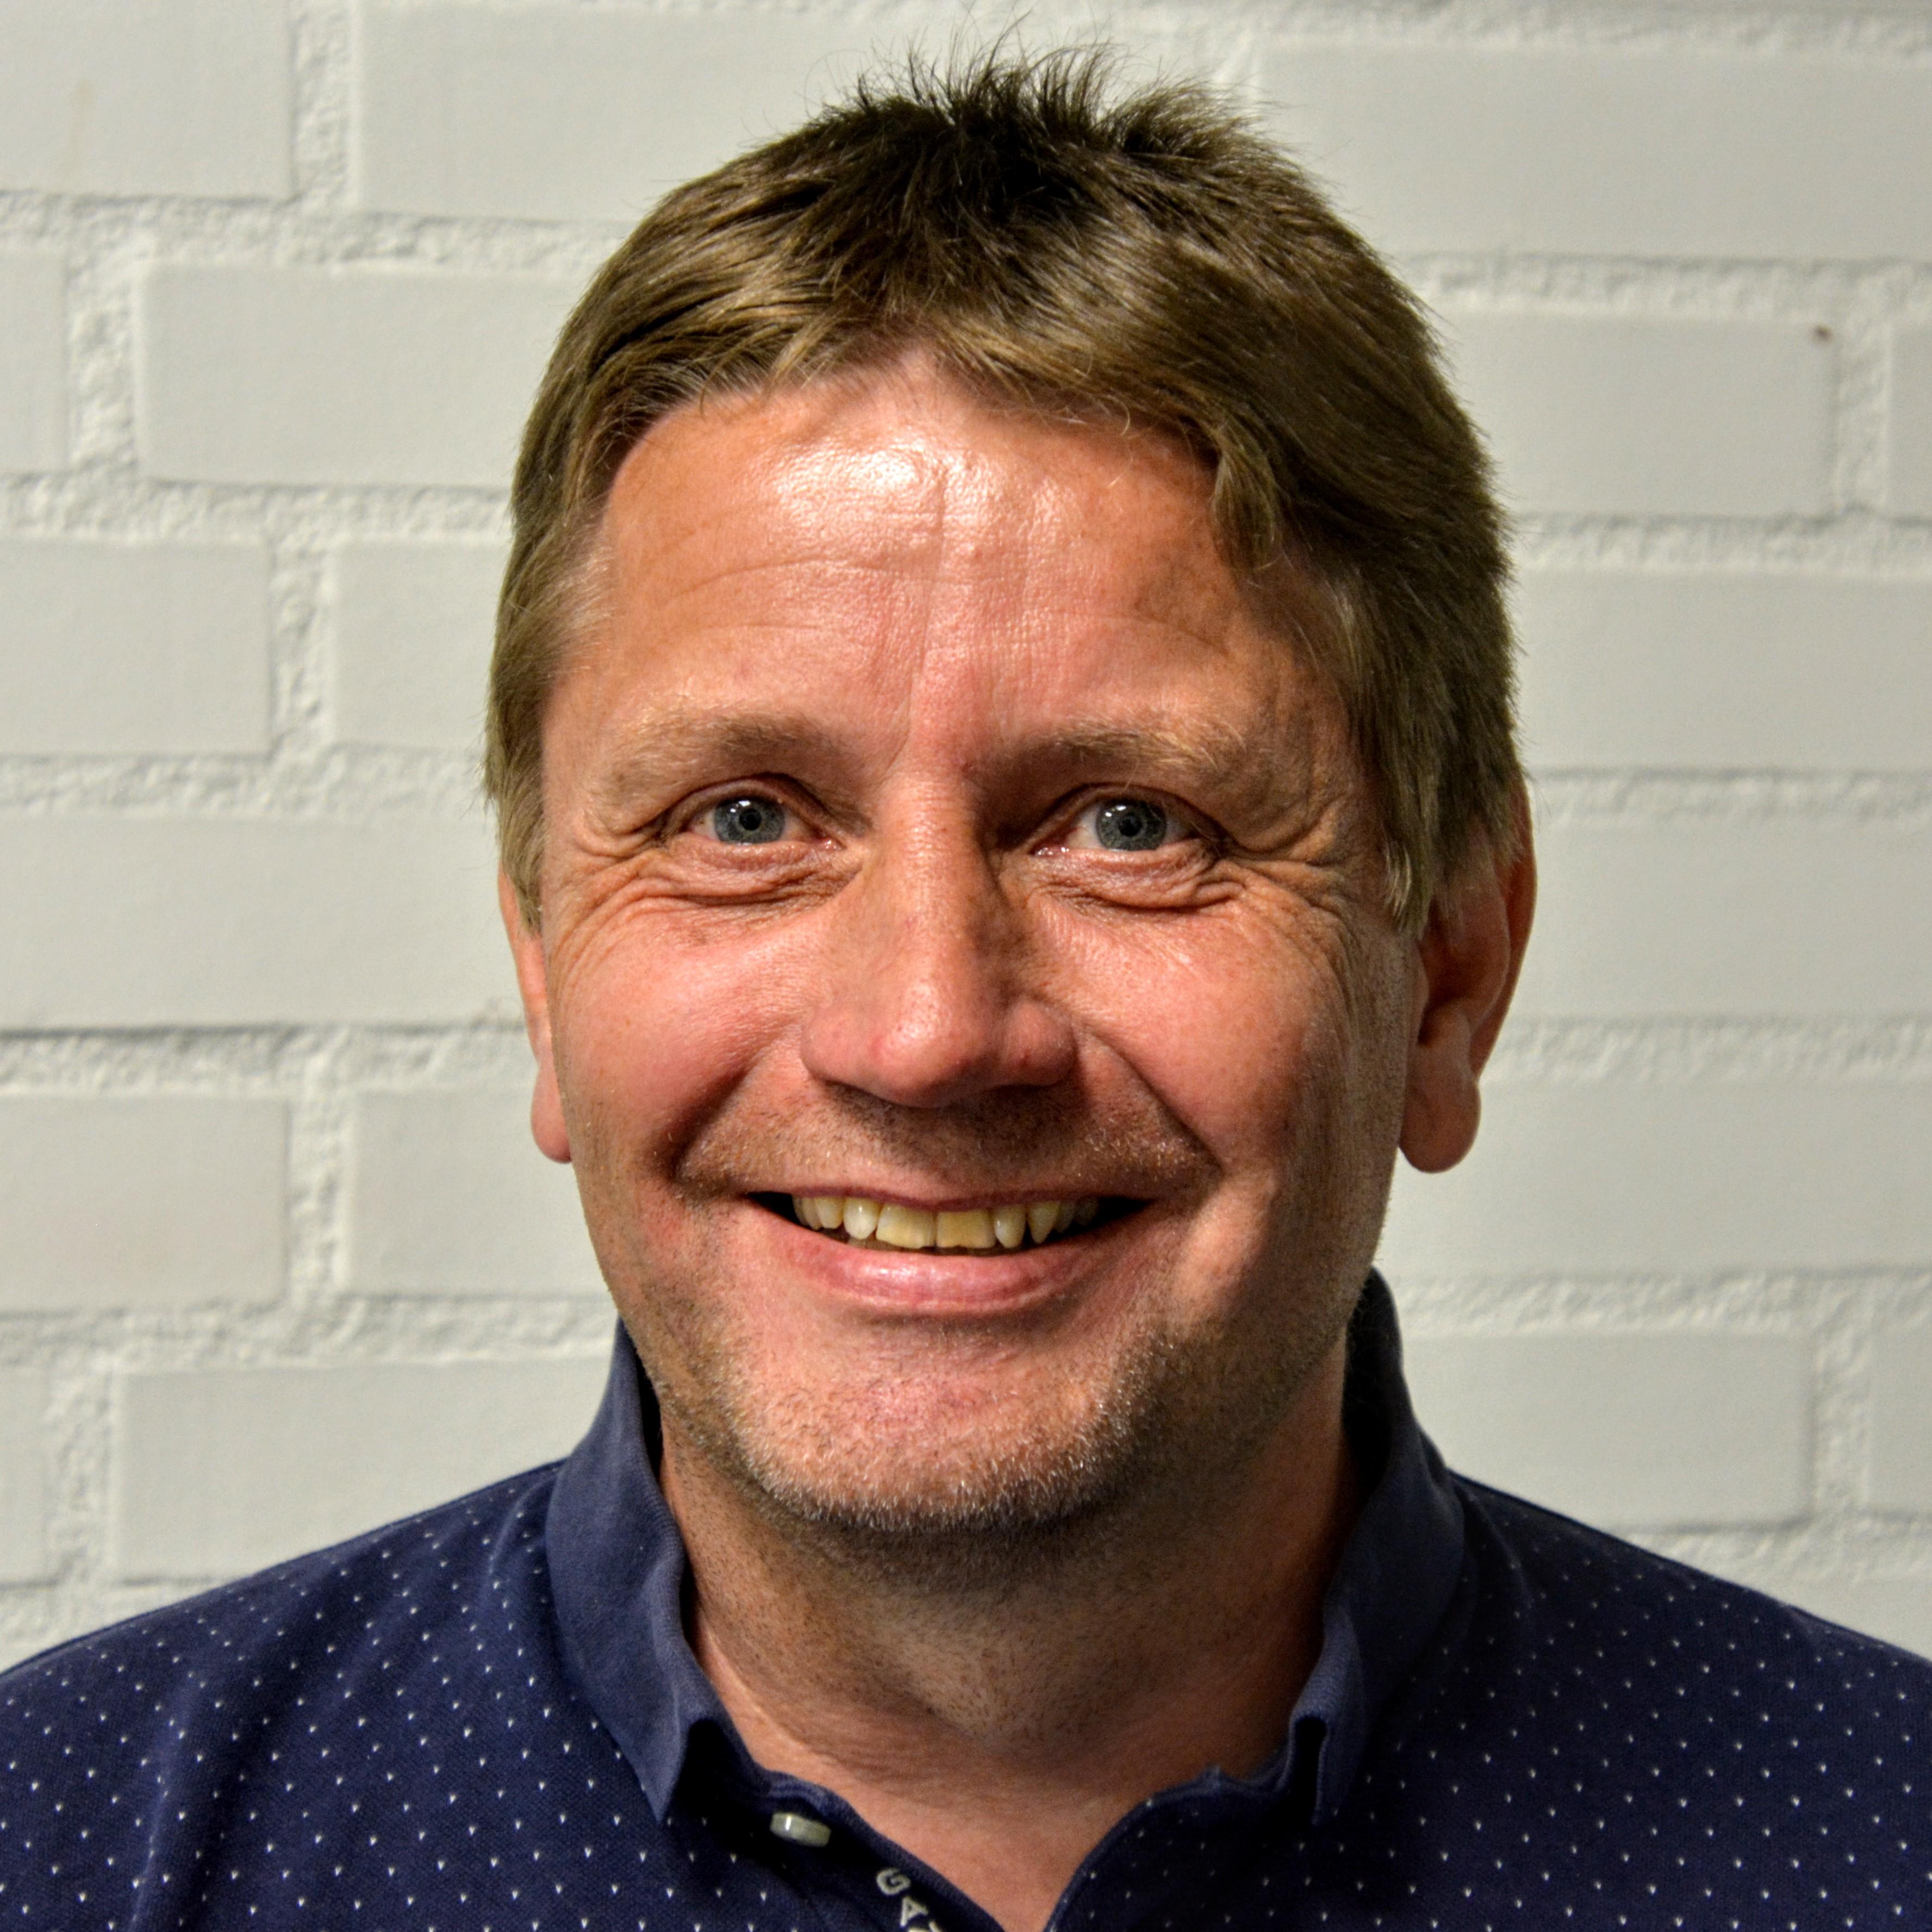 Lars Fogt Andersn